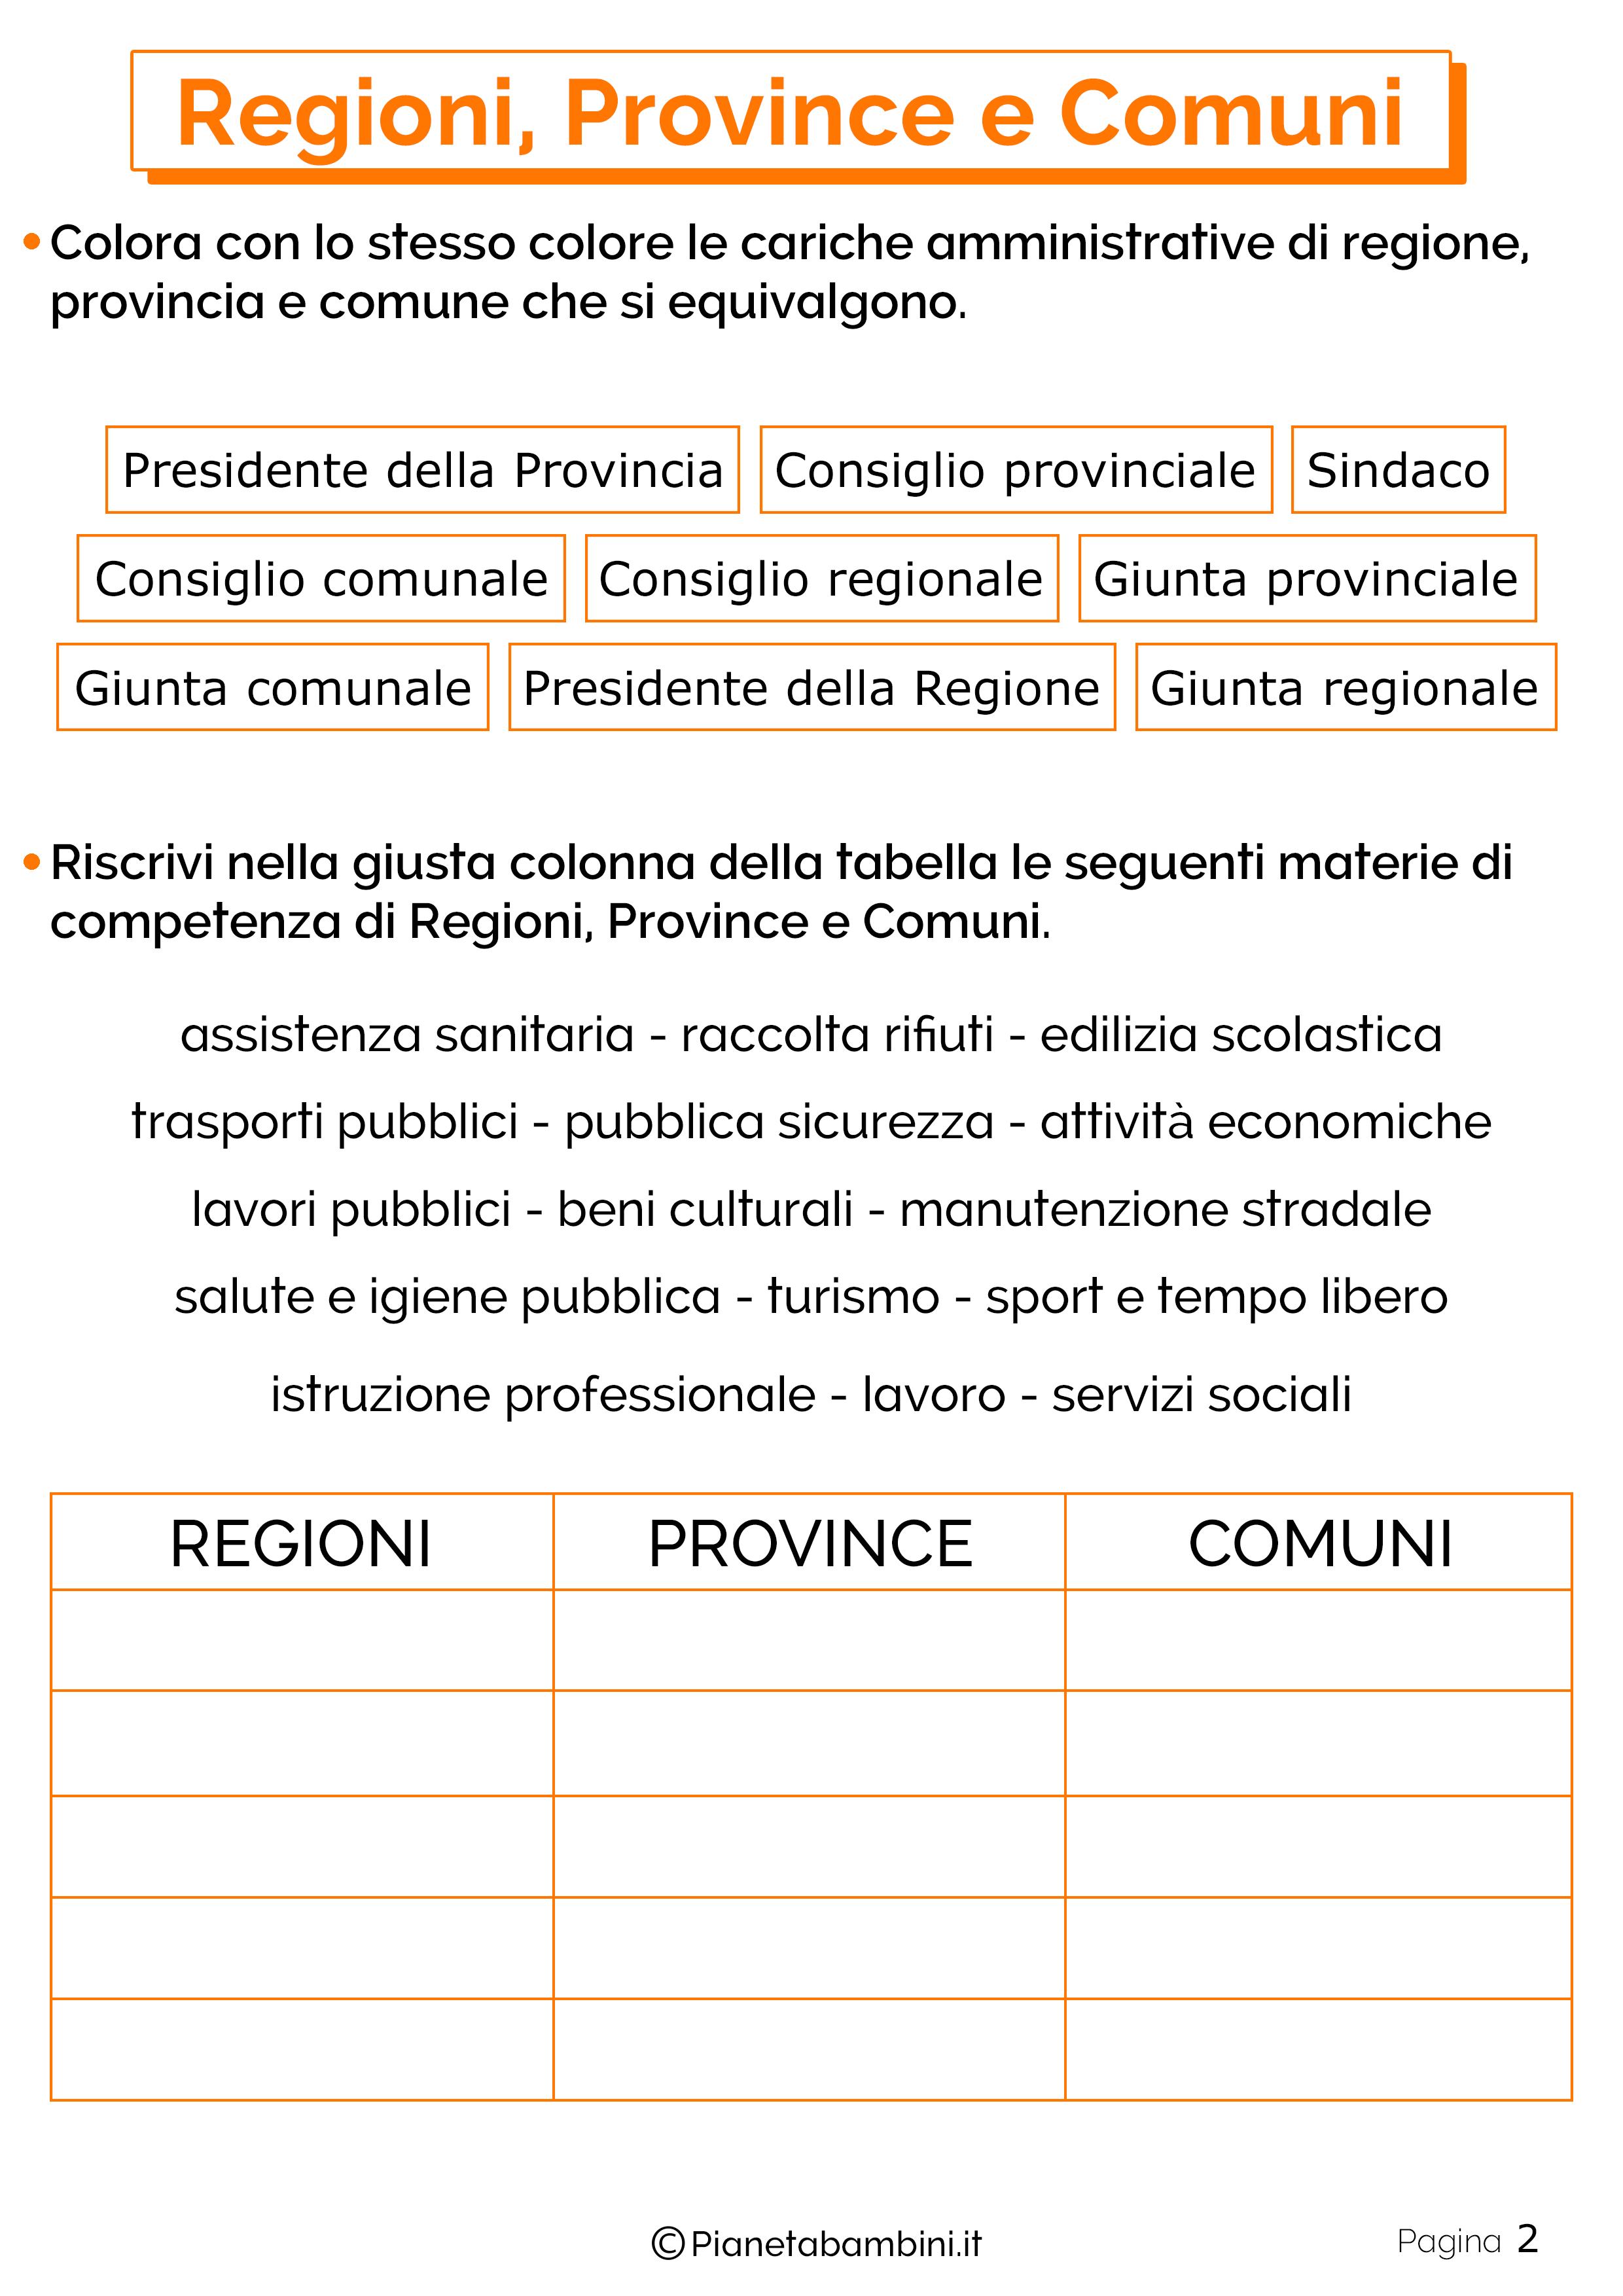 Esercizi su Regioni Province e Comuni 2